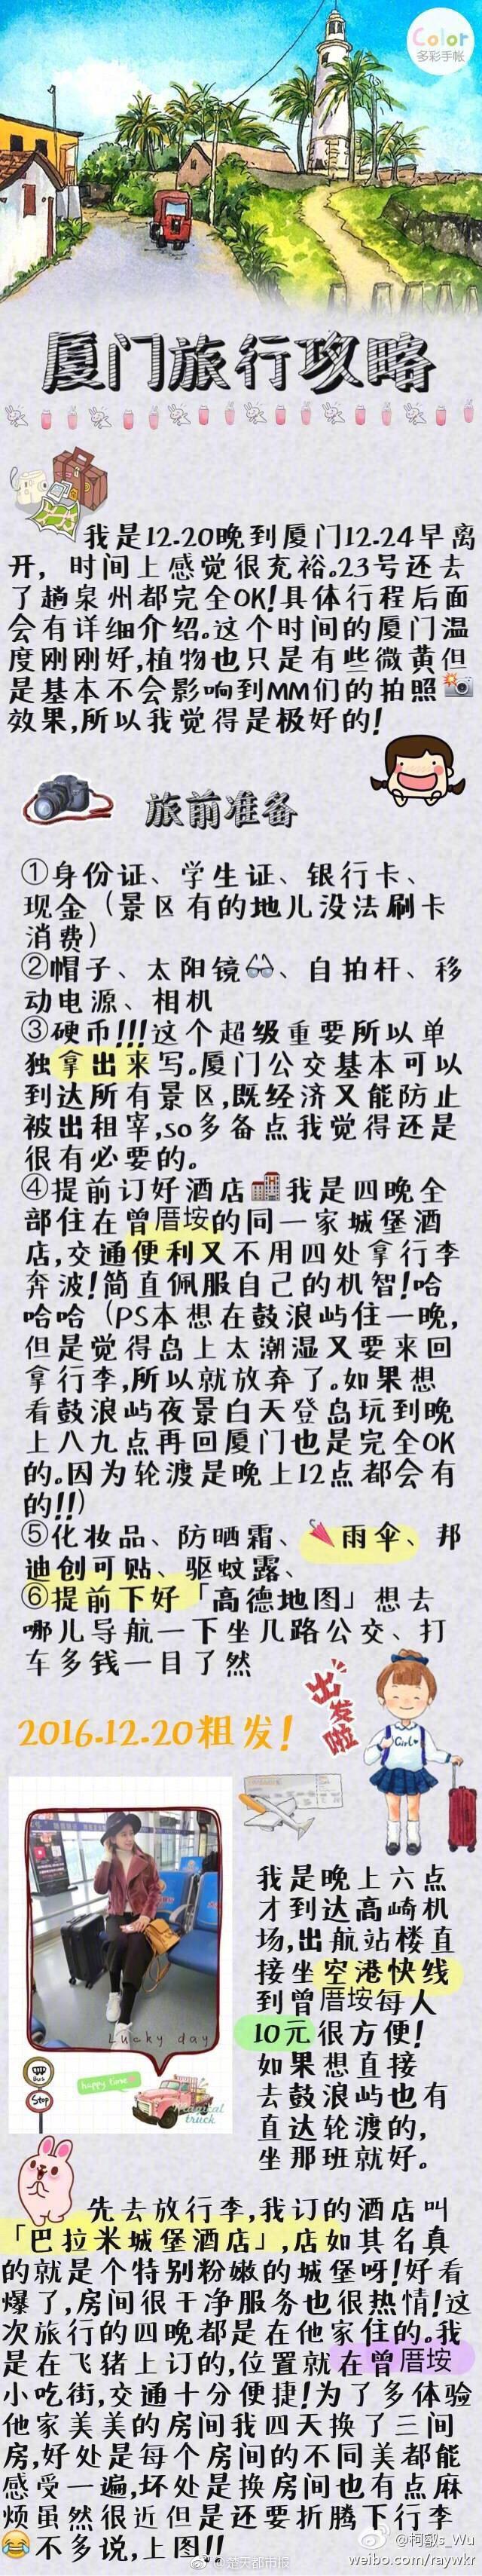 深圳口岸被挤爆了?官方发布声明